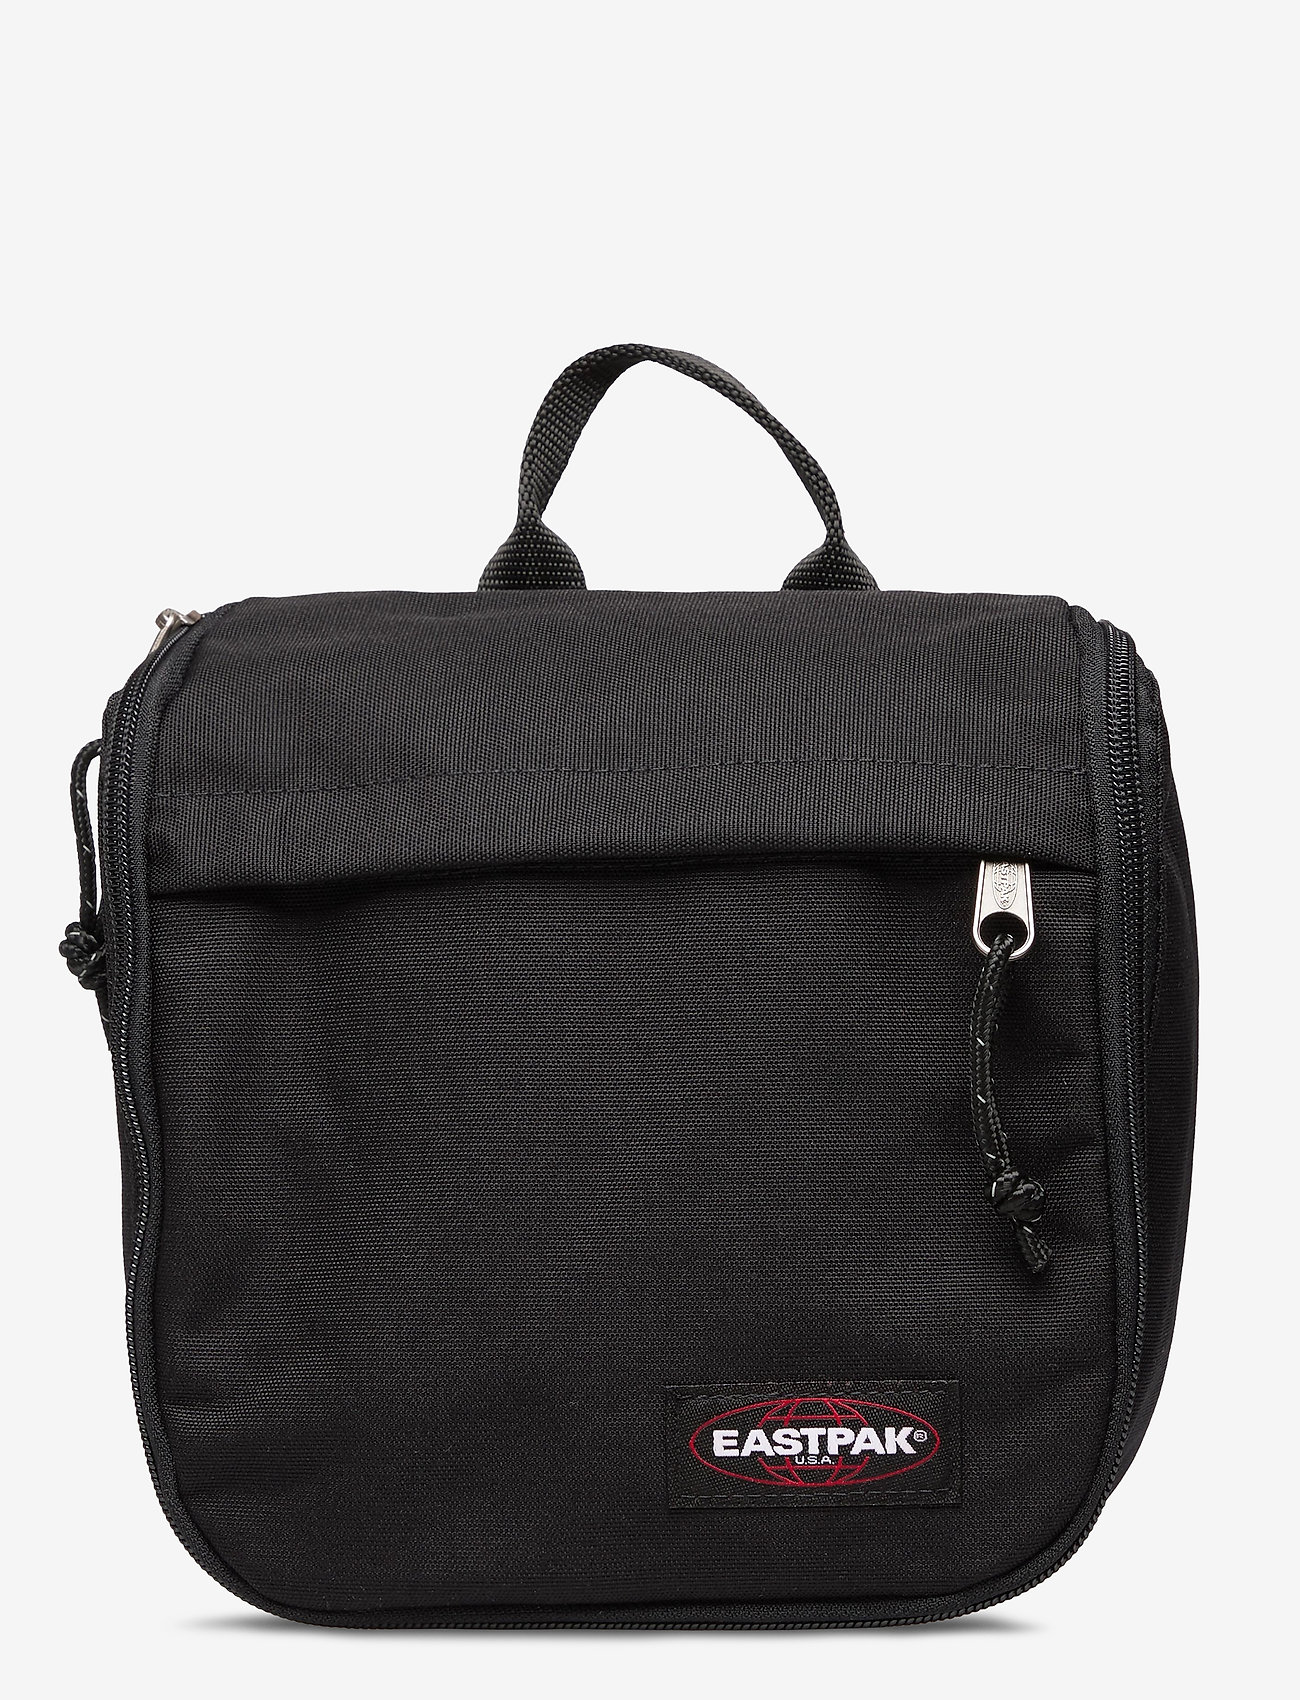 Eastpak - SUNDEE 3 REP - tassen - black - 0